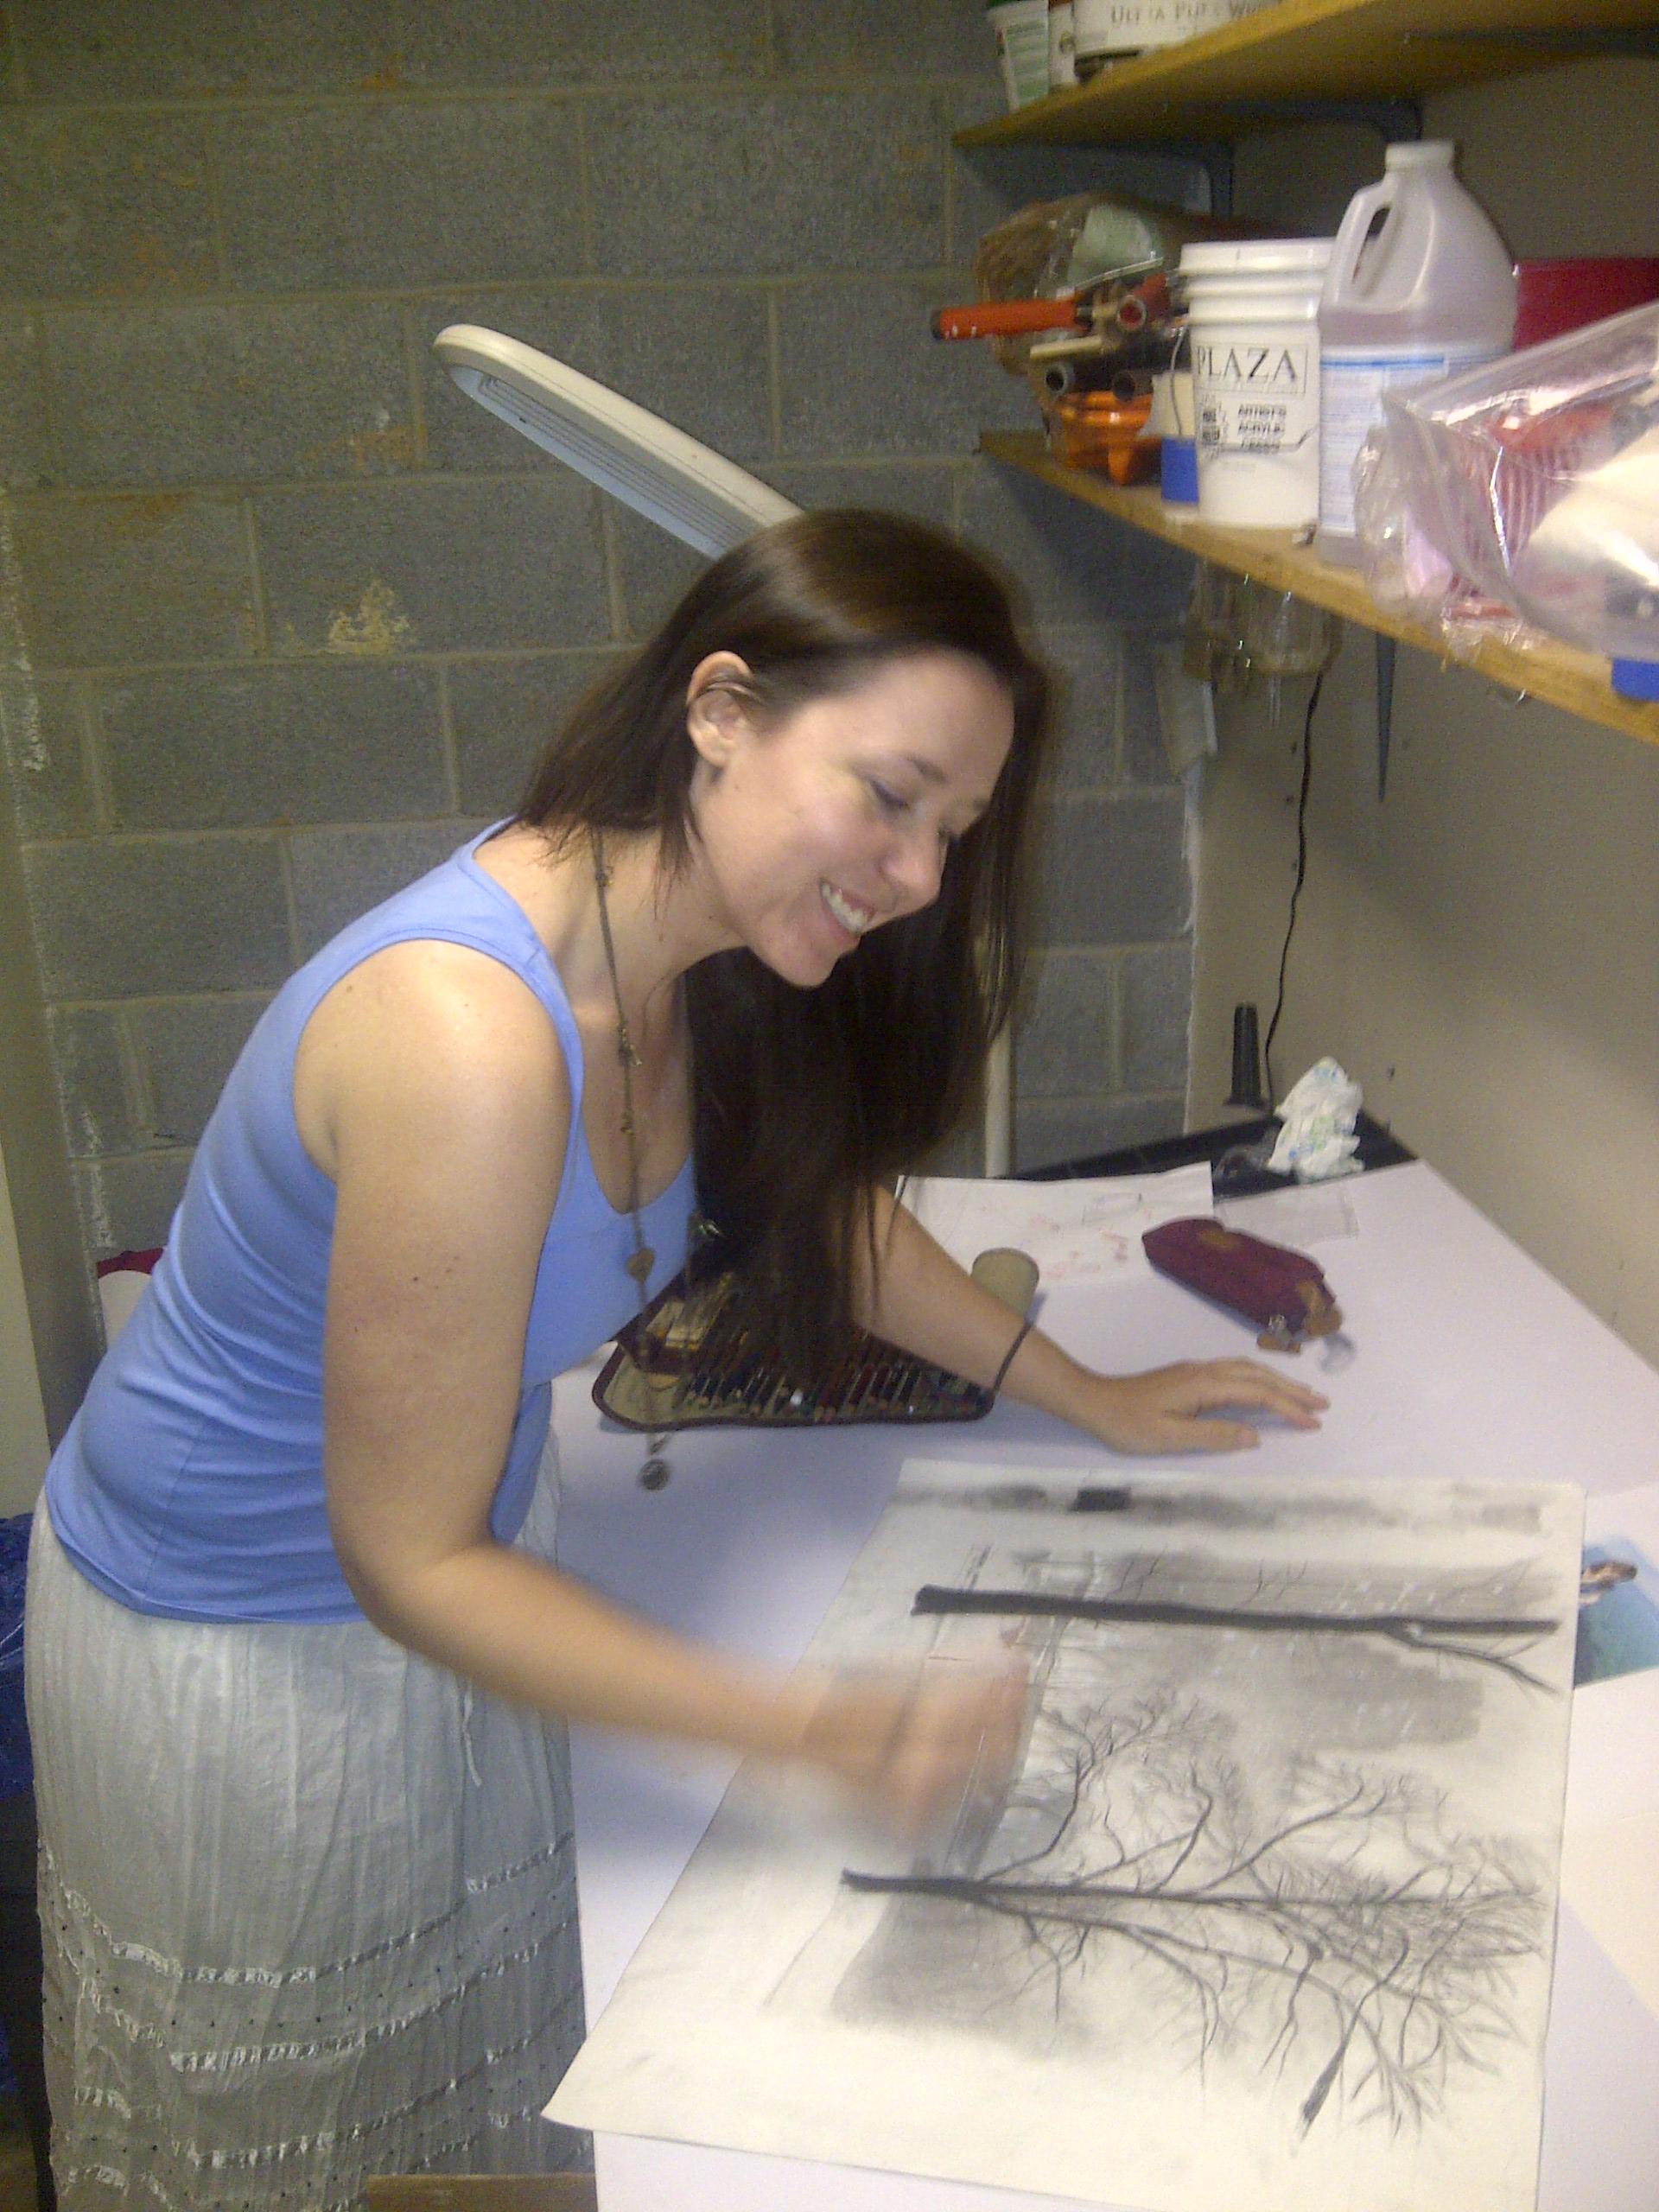 Rebecca Scheuerman at work